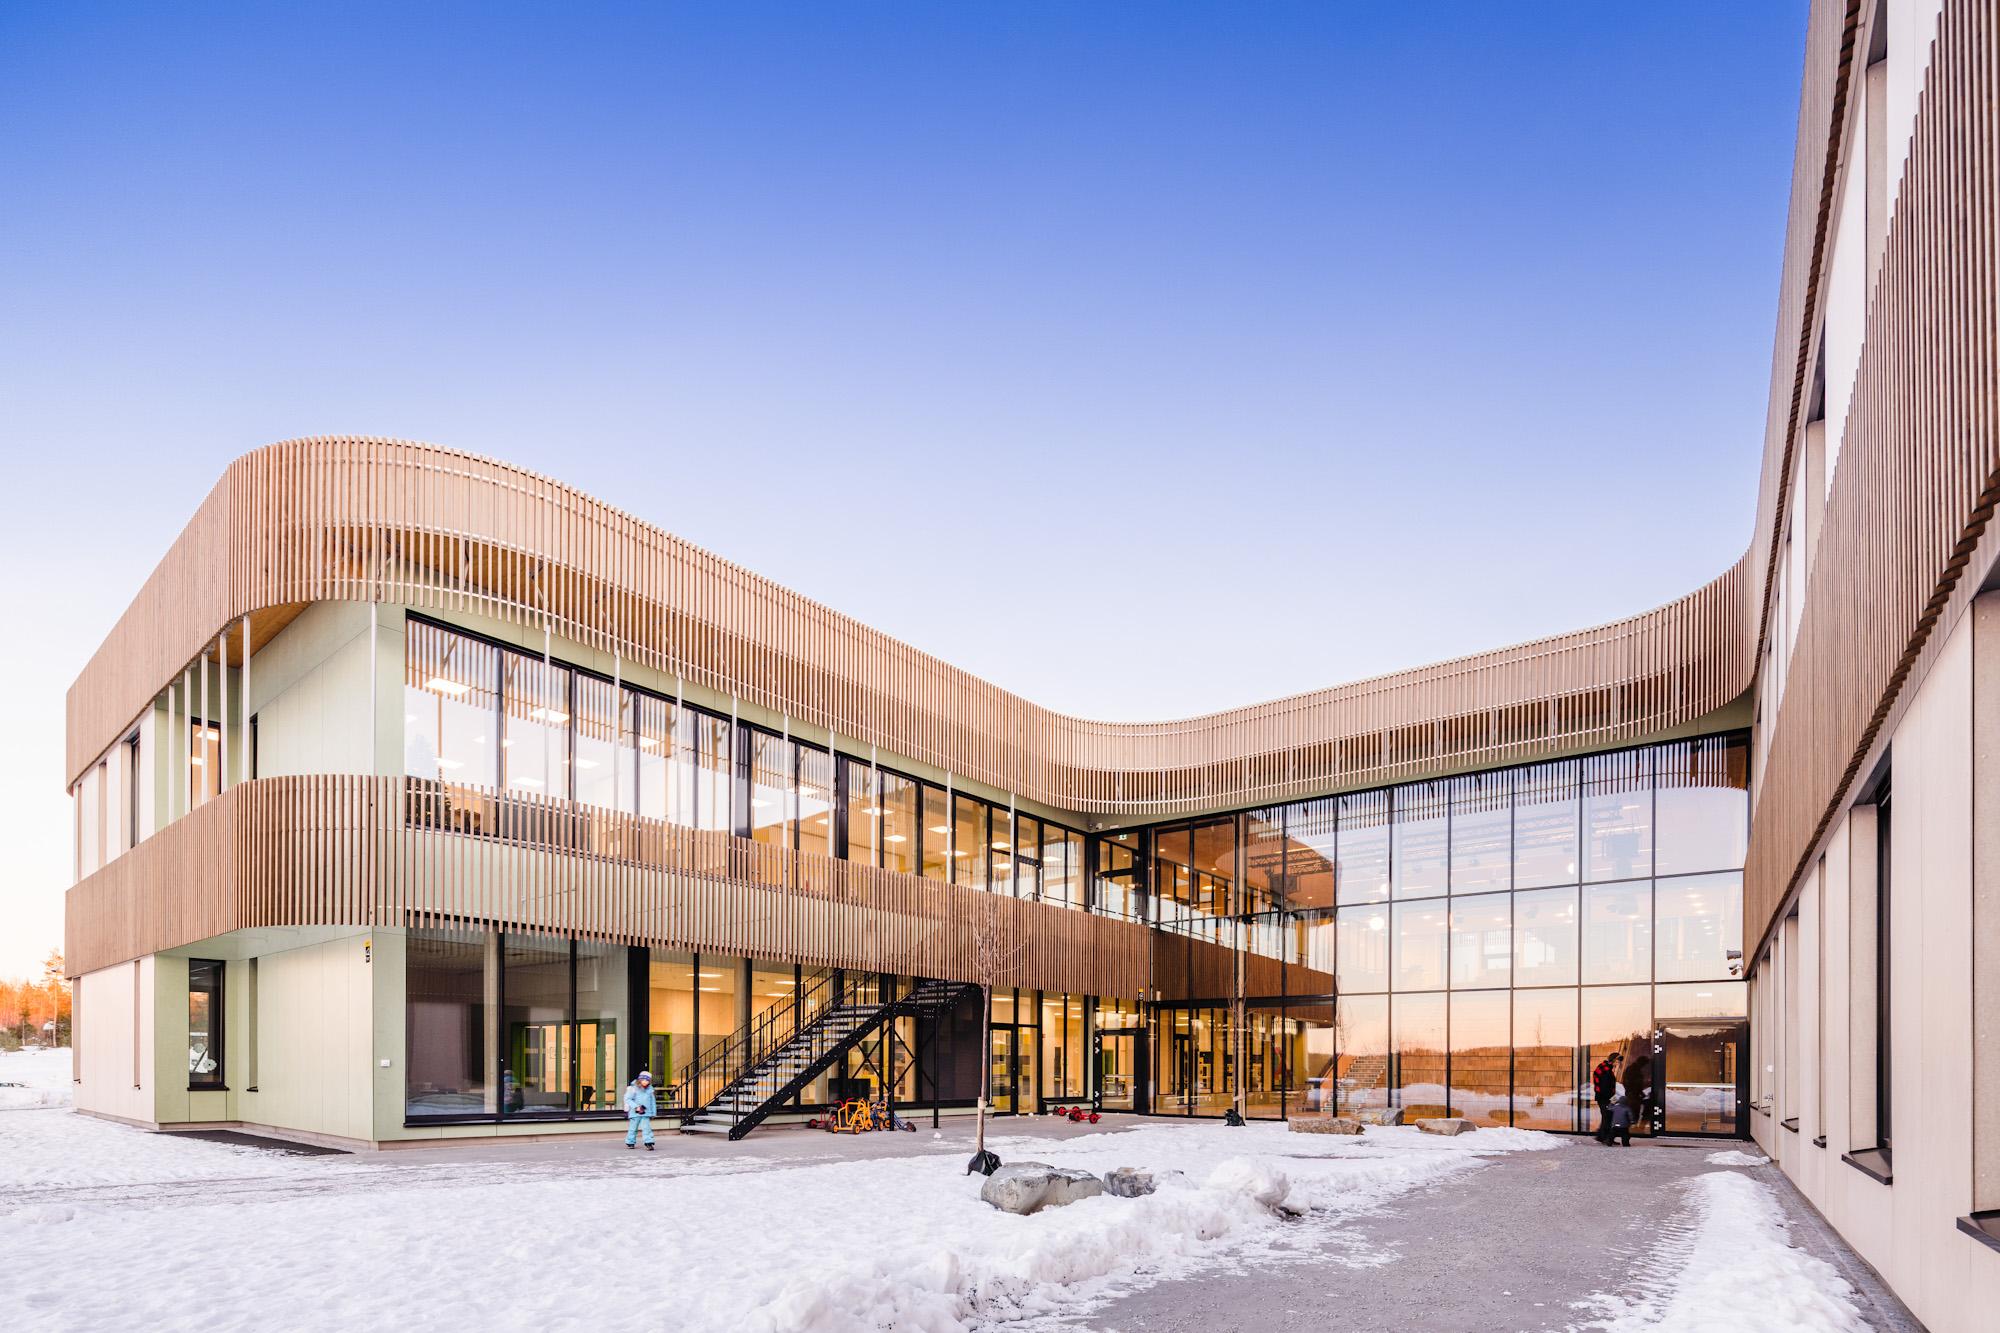 Torvbraten primary school in Norway, receives Nordic Swan Eco-label